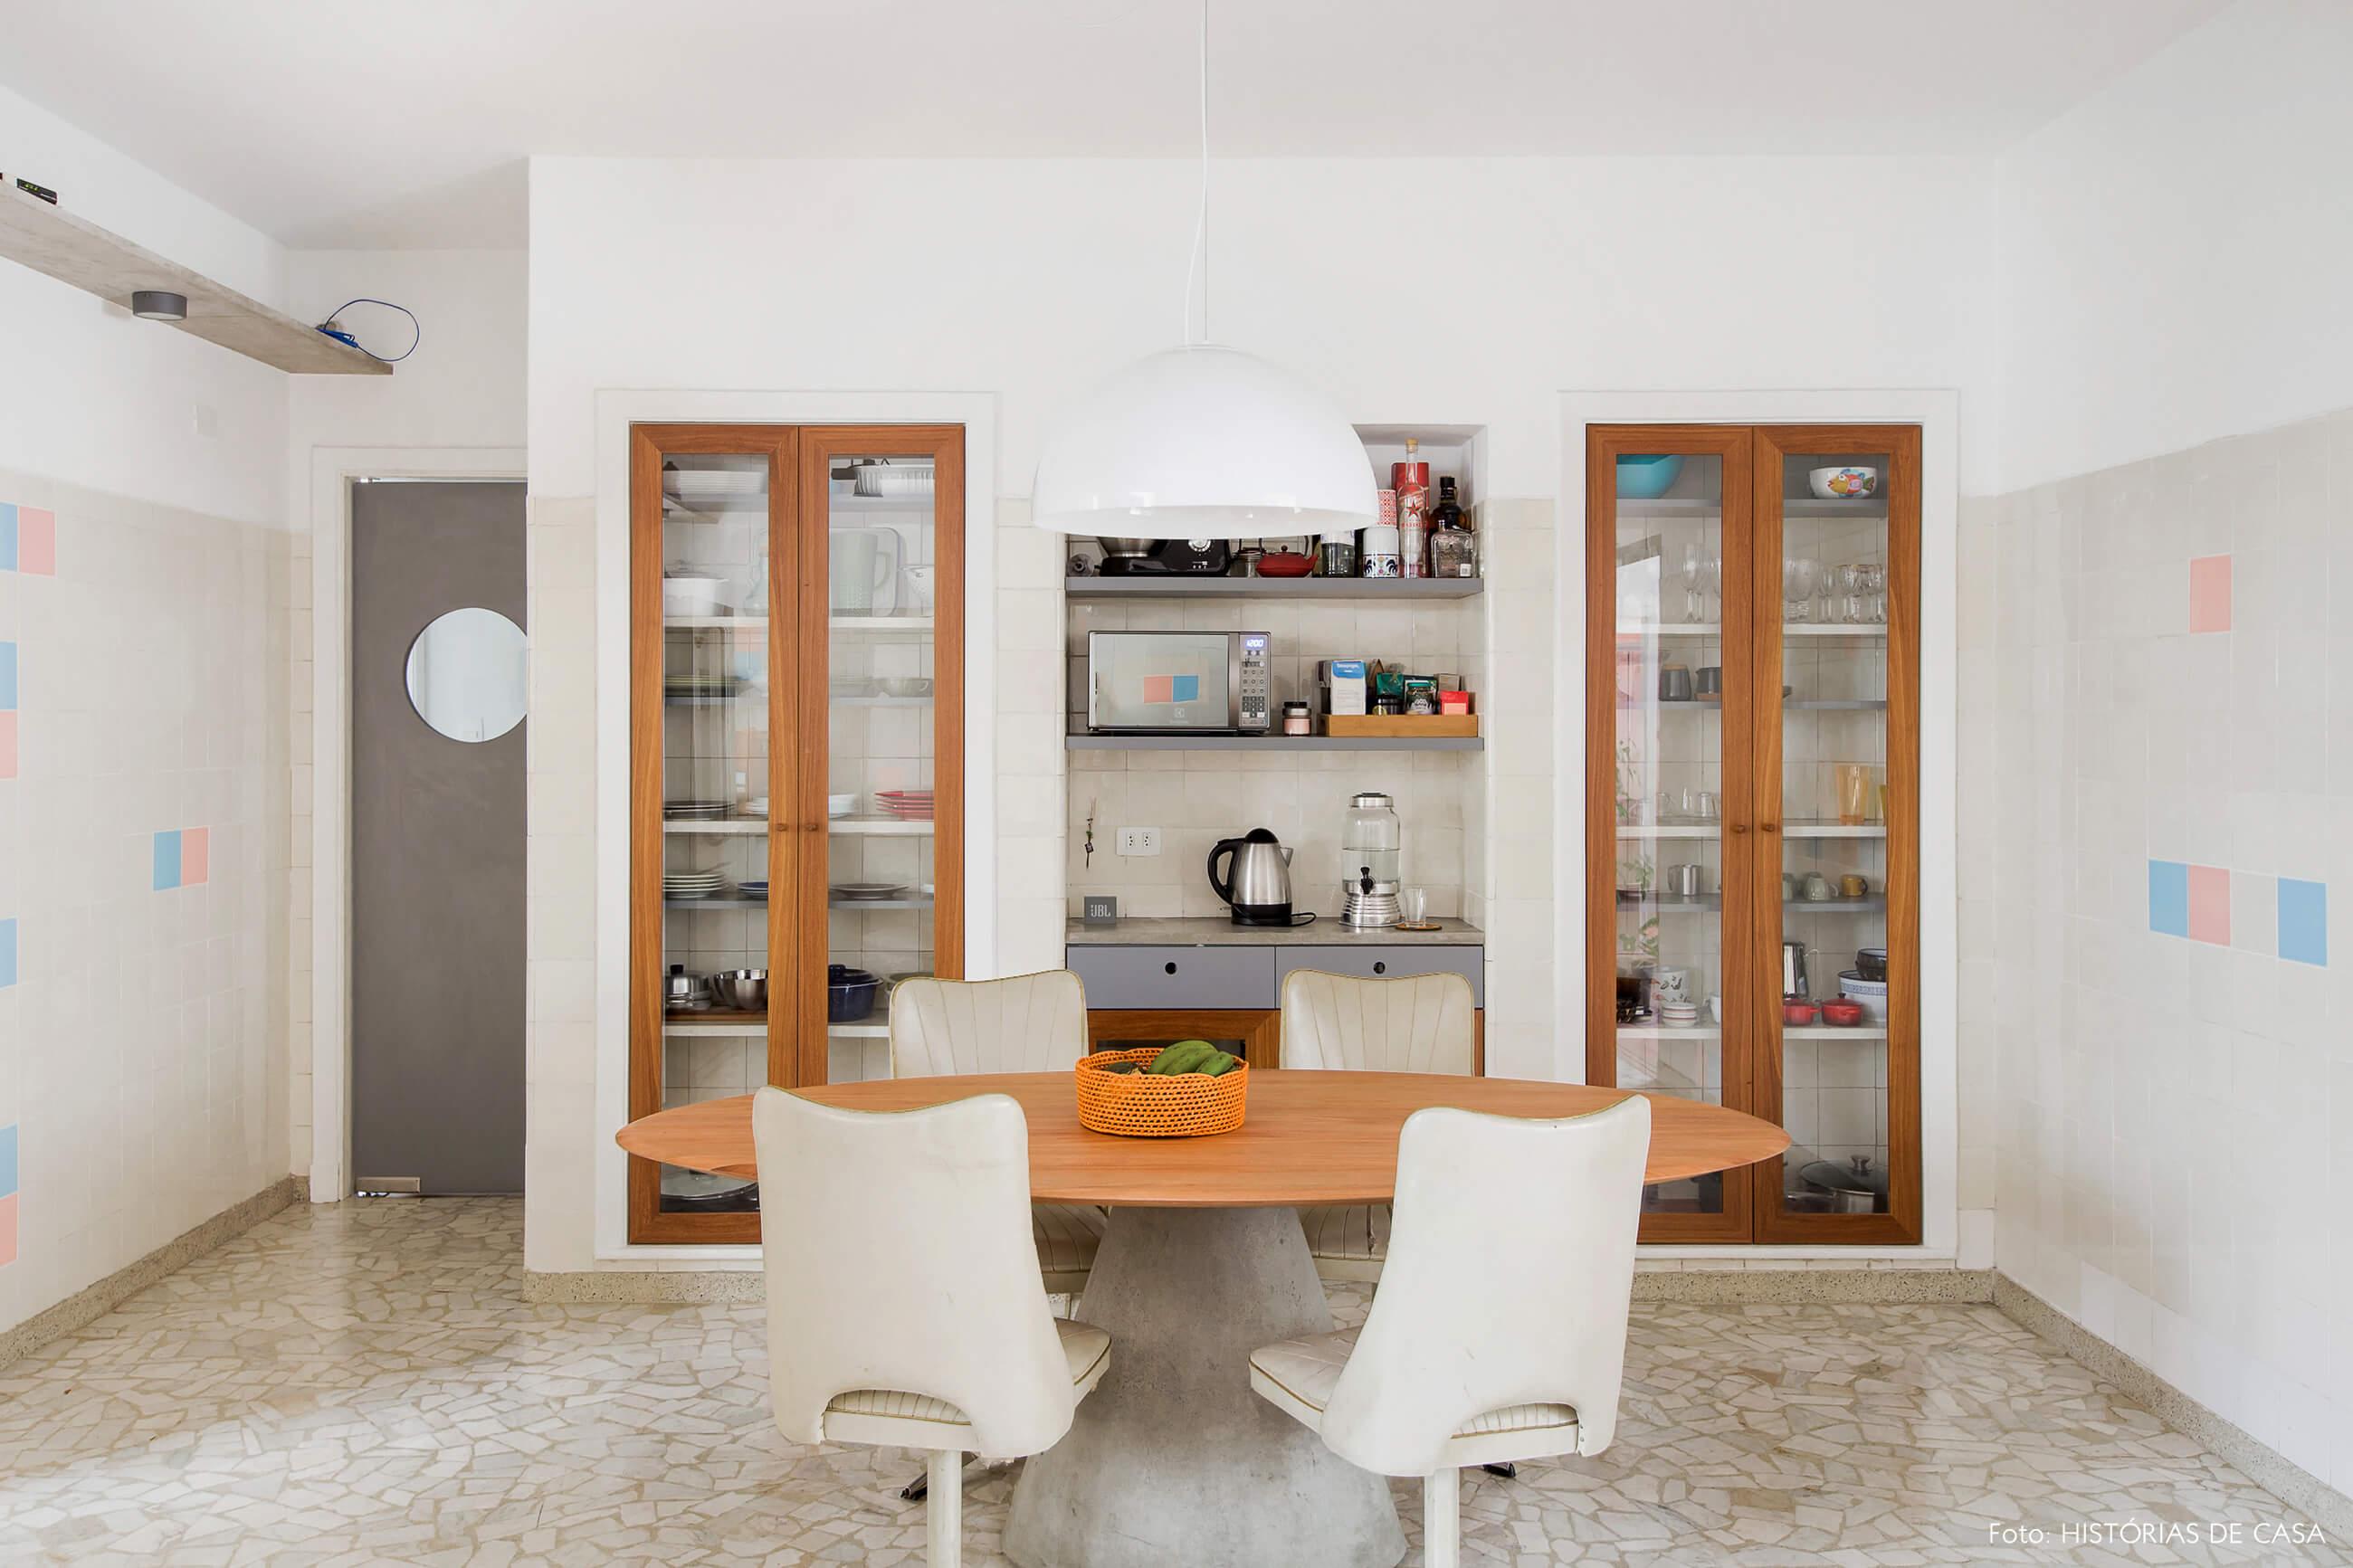 Cozinha vintage reformada com piso de granilite e armários de madeira com portas de vidro